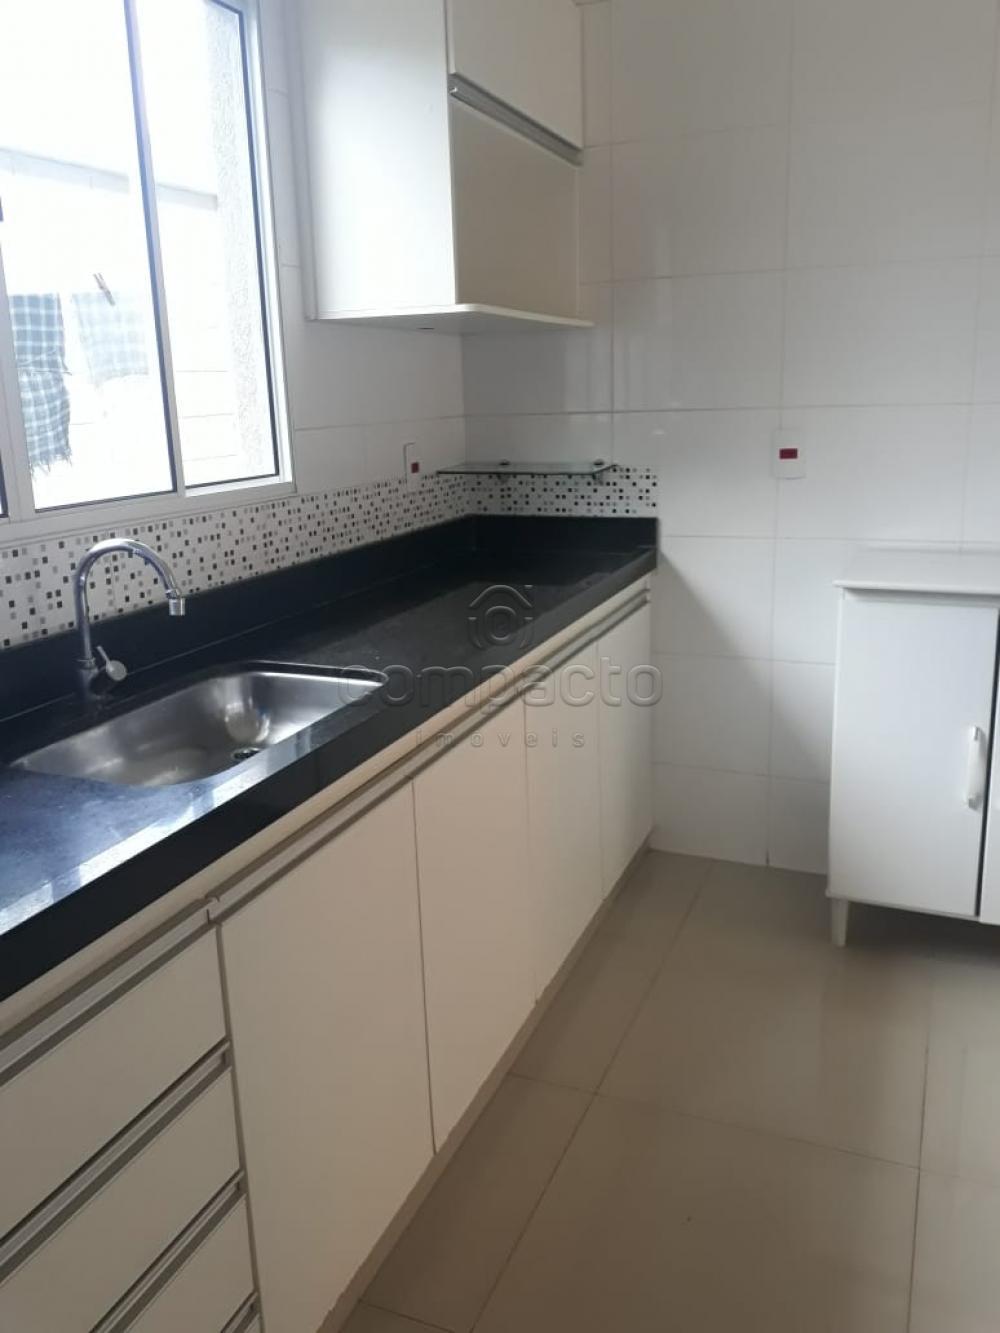 Alugar Casa / Condomínio em São José do Rio Preto apenas R$ 2.500,00 - Foto 8